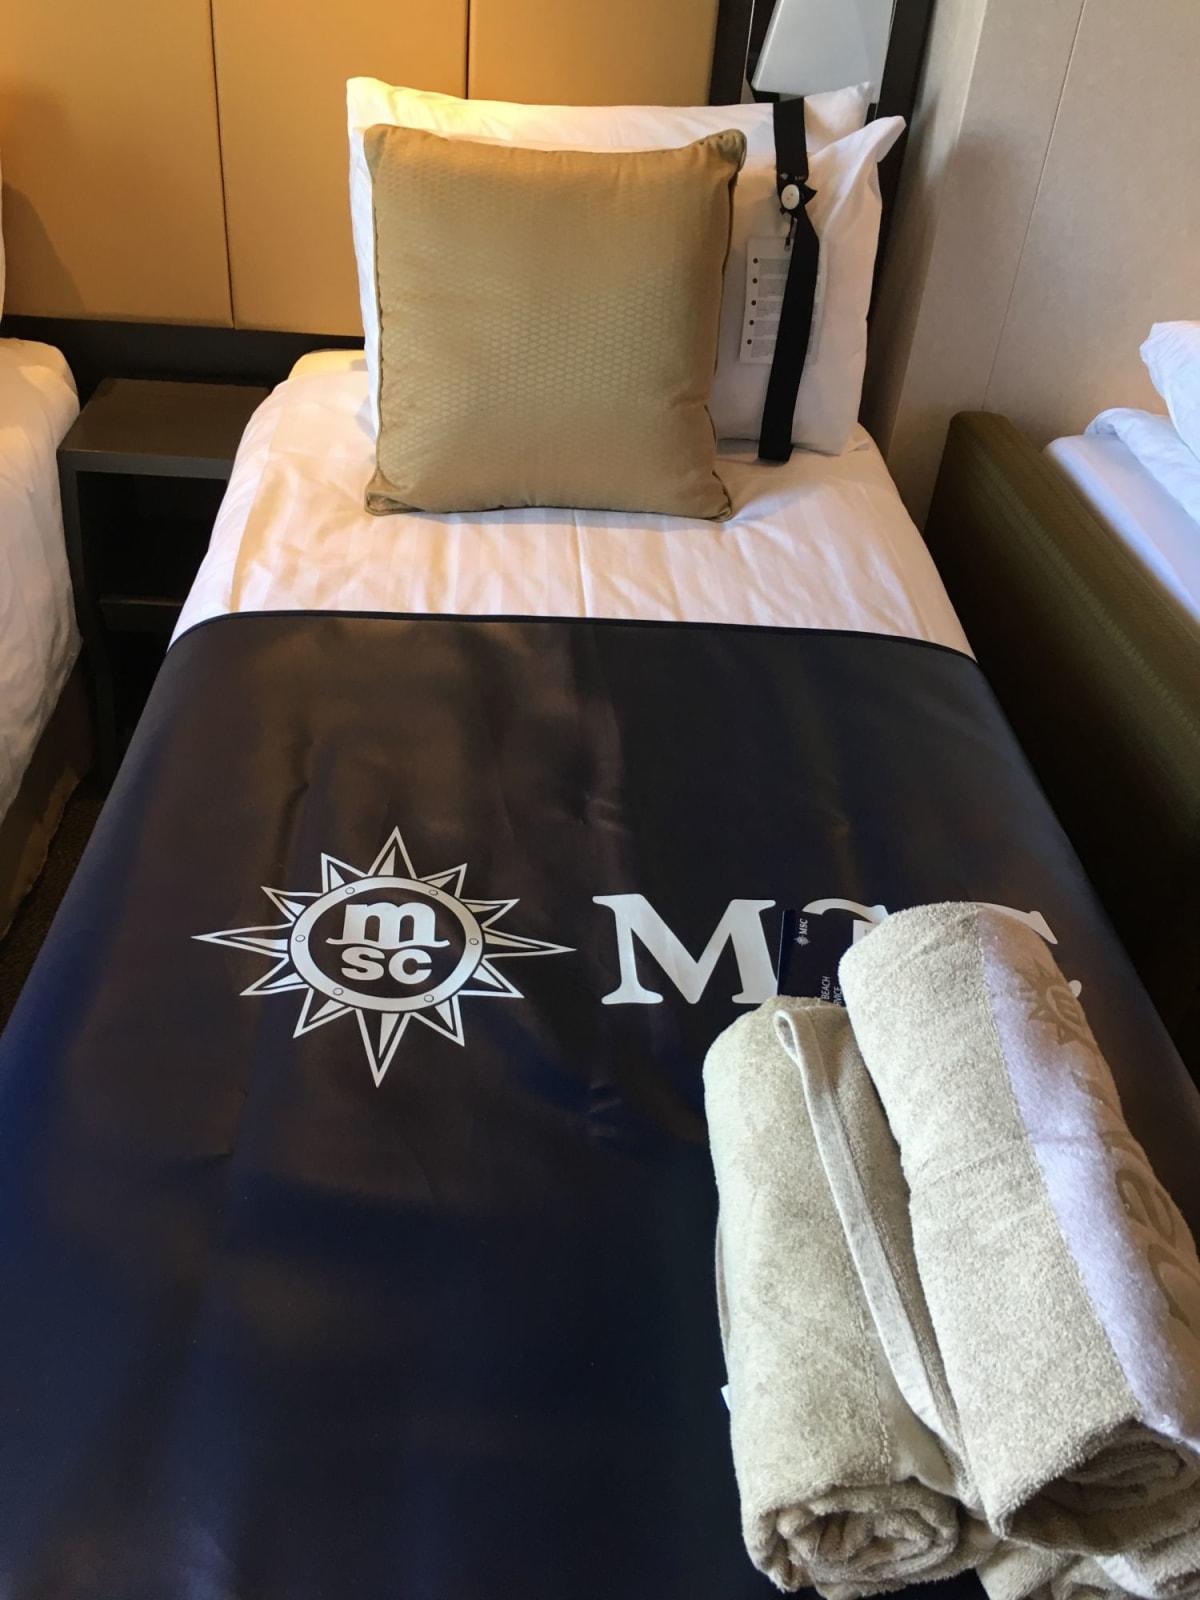 ベッドは小さいです。 スーツケースを乗せられるようにビニールマットと、プール用バスタオルがありました。   客船MSCベリッシマの客室